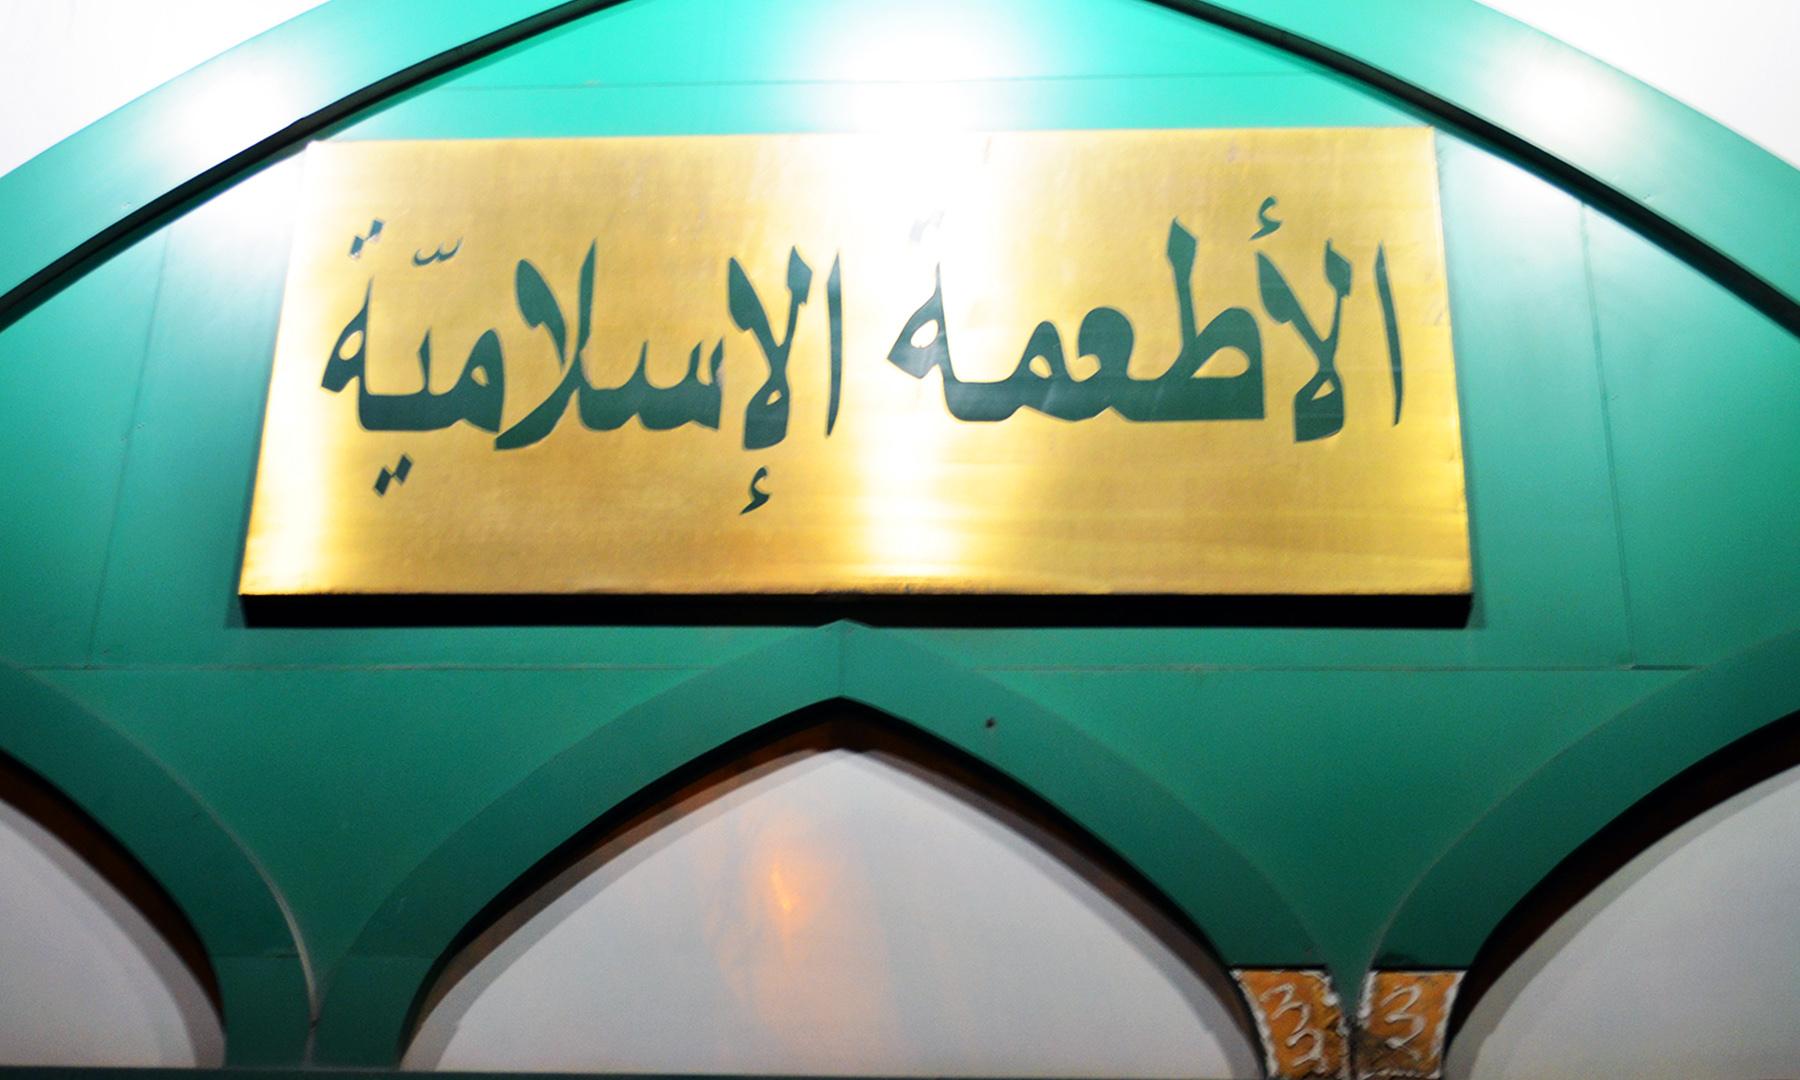 مسلم گلی میں واقع ایک ریسٹورنٹ  — تصویر رمضان رفیق